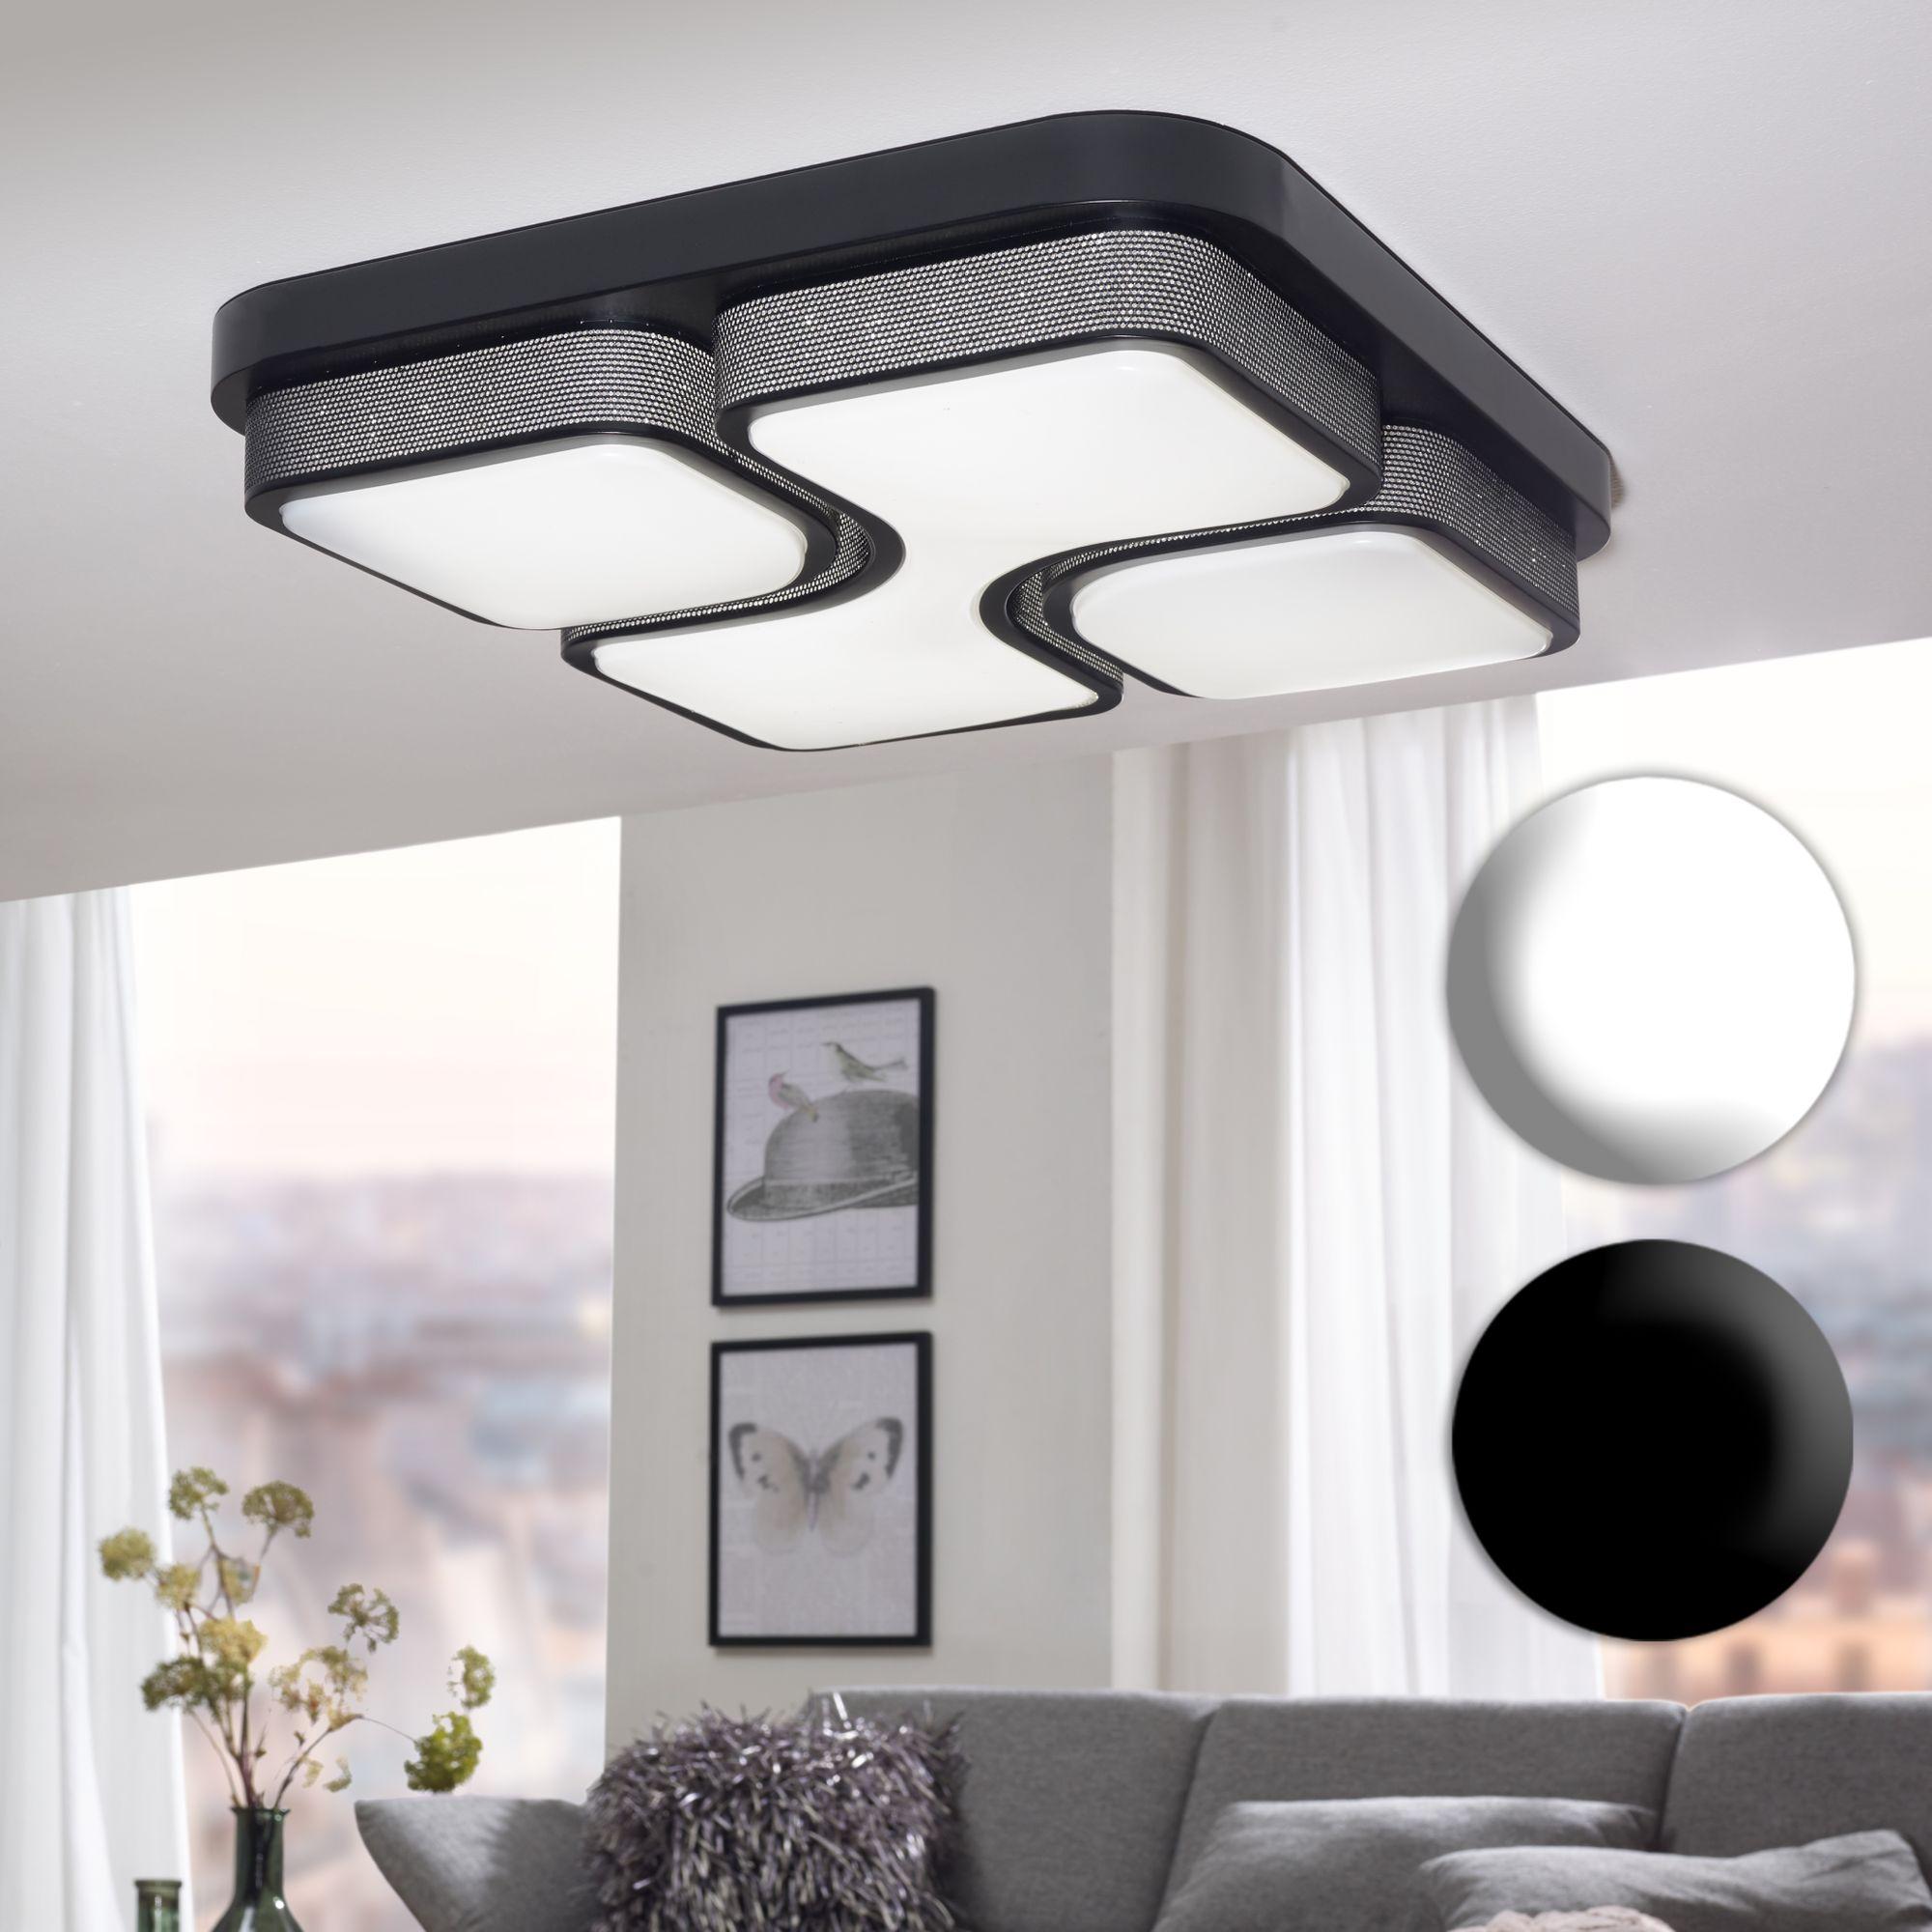 Modern Led Deckenlampe Wohnzimmer Deckenleuchte Wandlampe